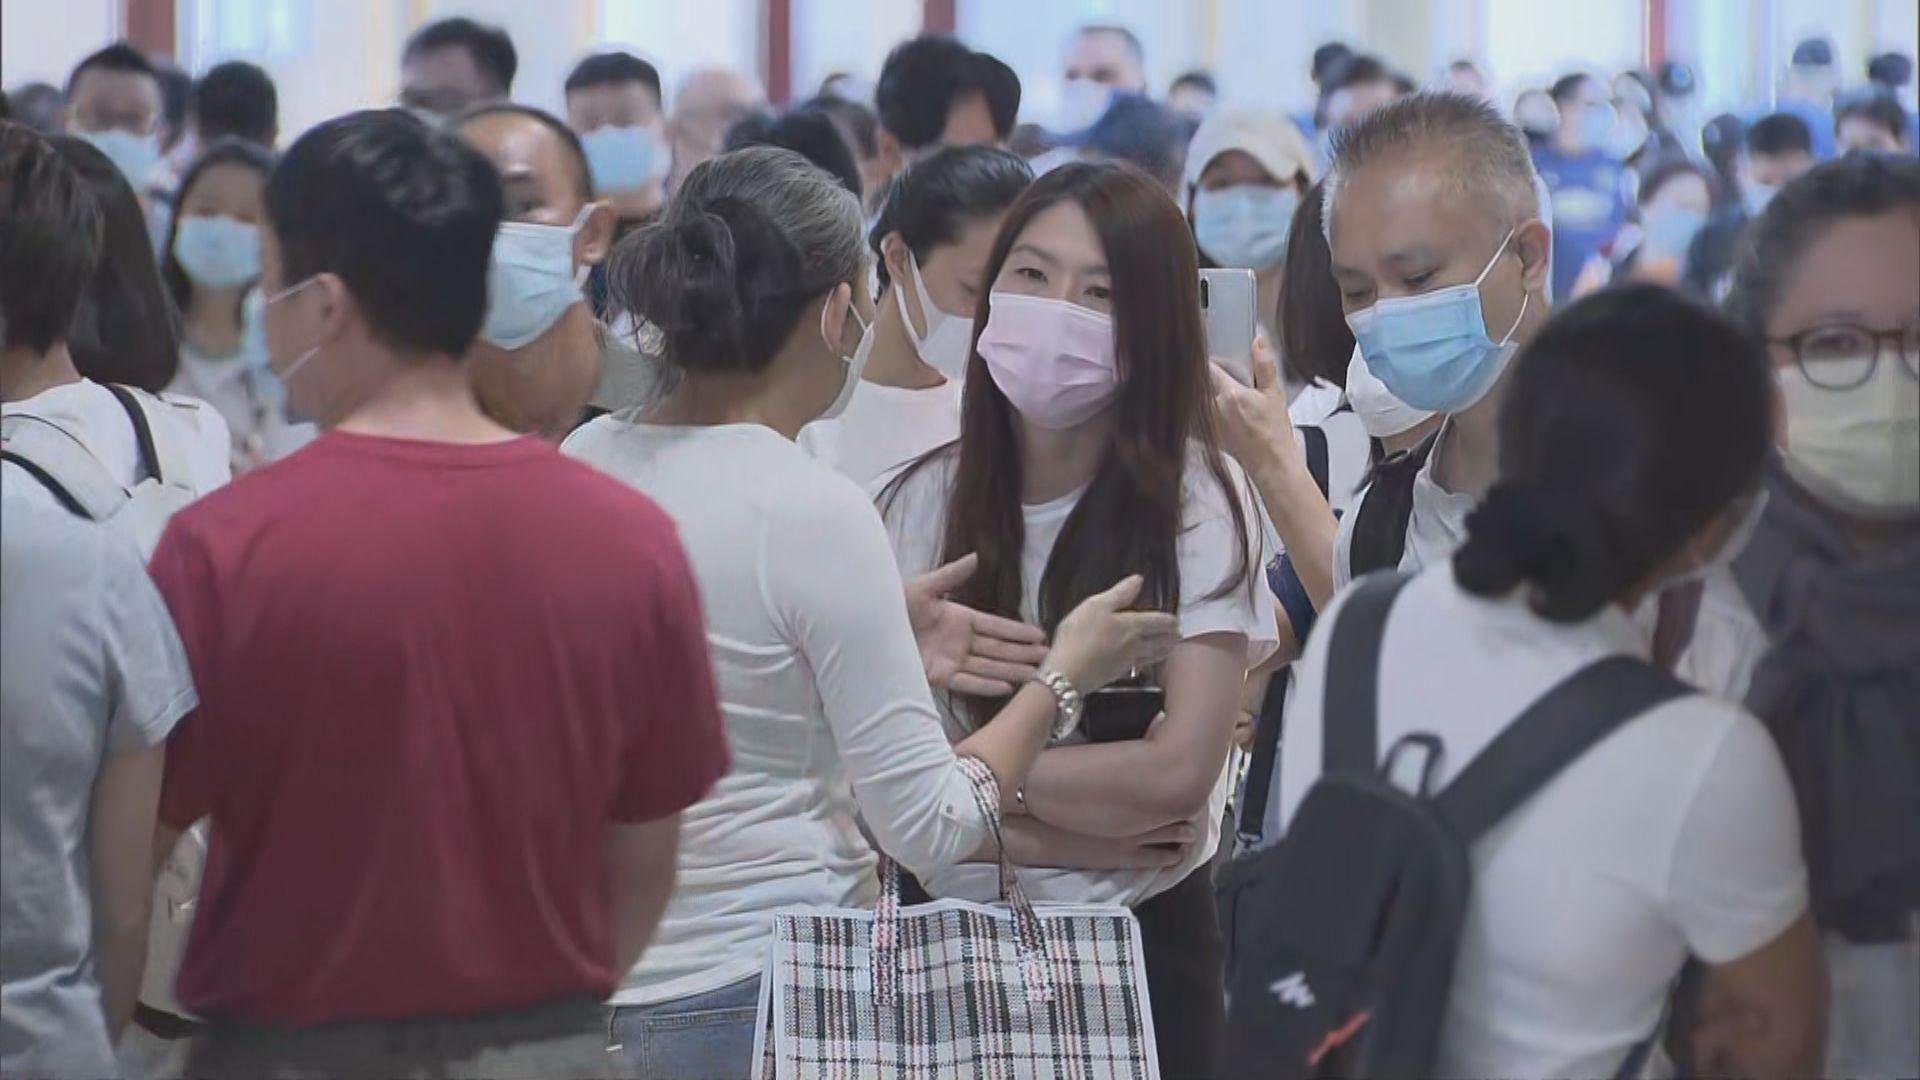 香港航空機組人員協會要求和勞工處會面商討安排